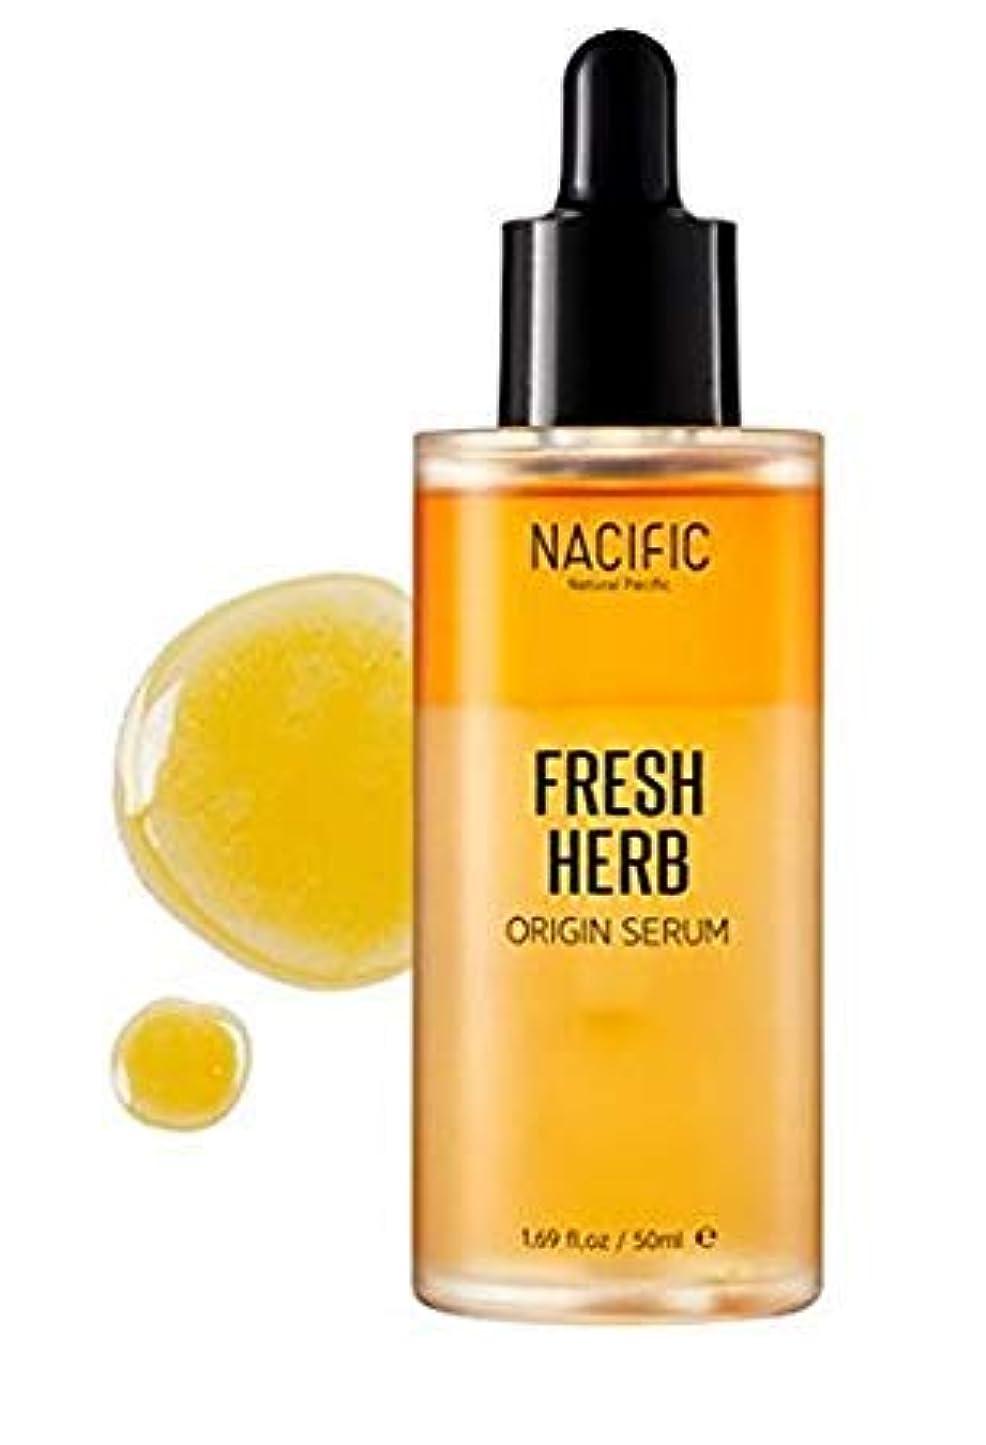 壊す特性お互い[NACIFIC]Fresh Herb Origin Serum 50ml/ナチュラルパシフィック フレッシュ ハーブ オリジン セラム 50ml [並行輸入品]